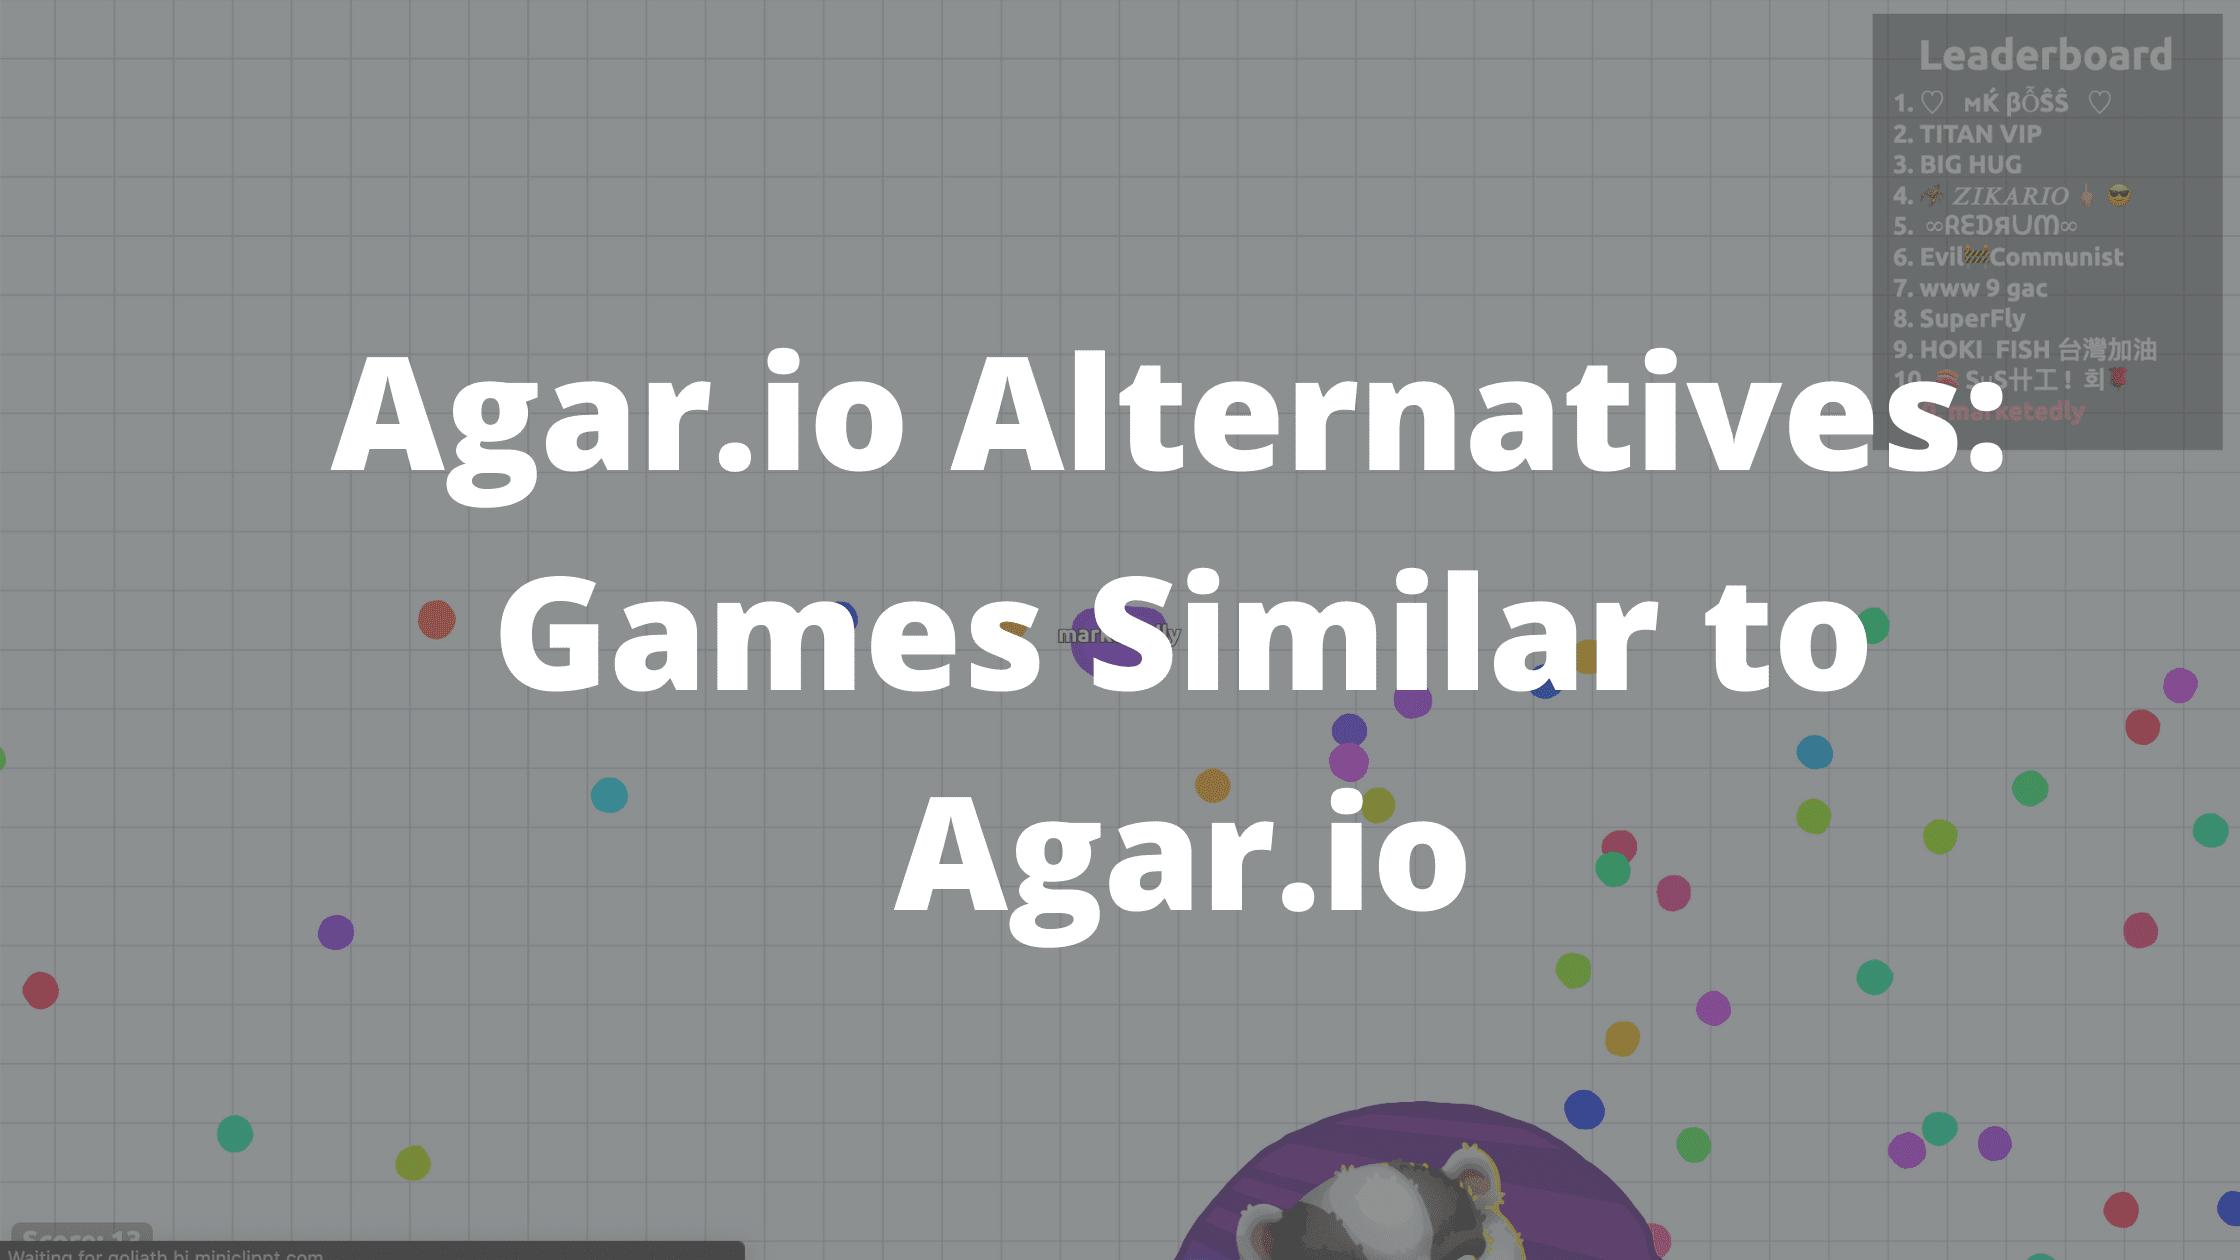 agar.io alternatives : Games similar to Agar.io